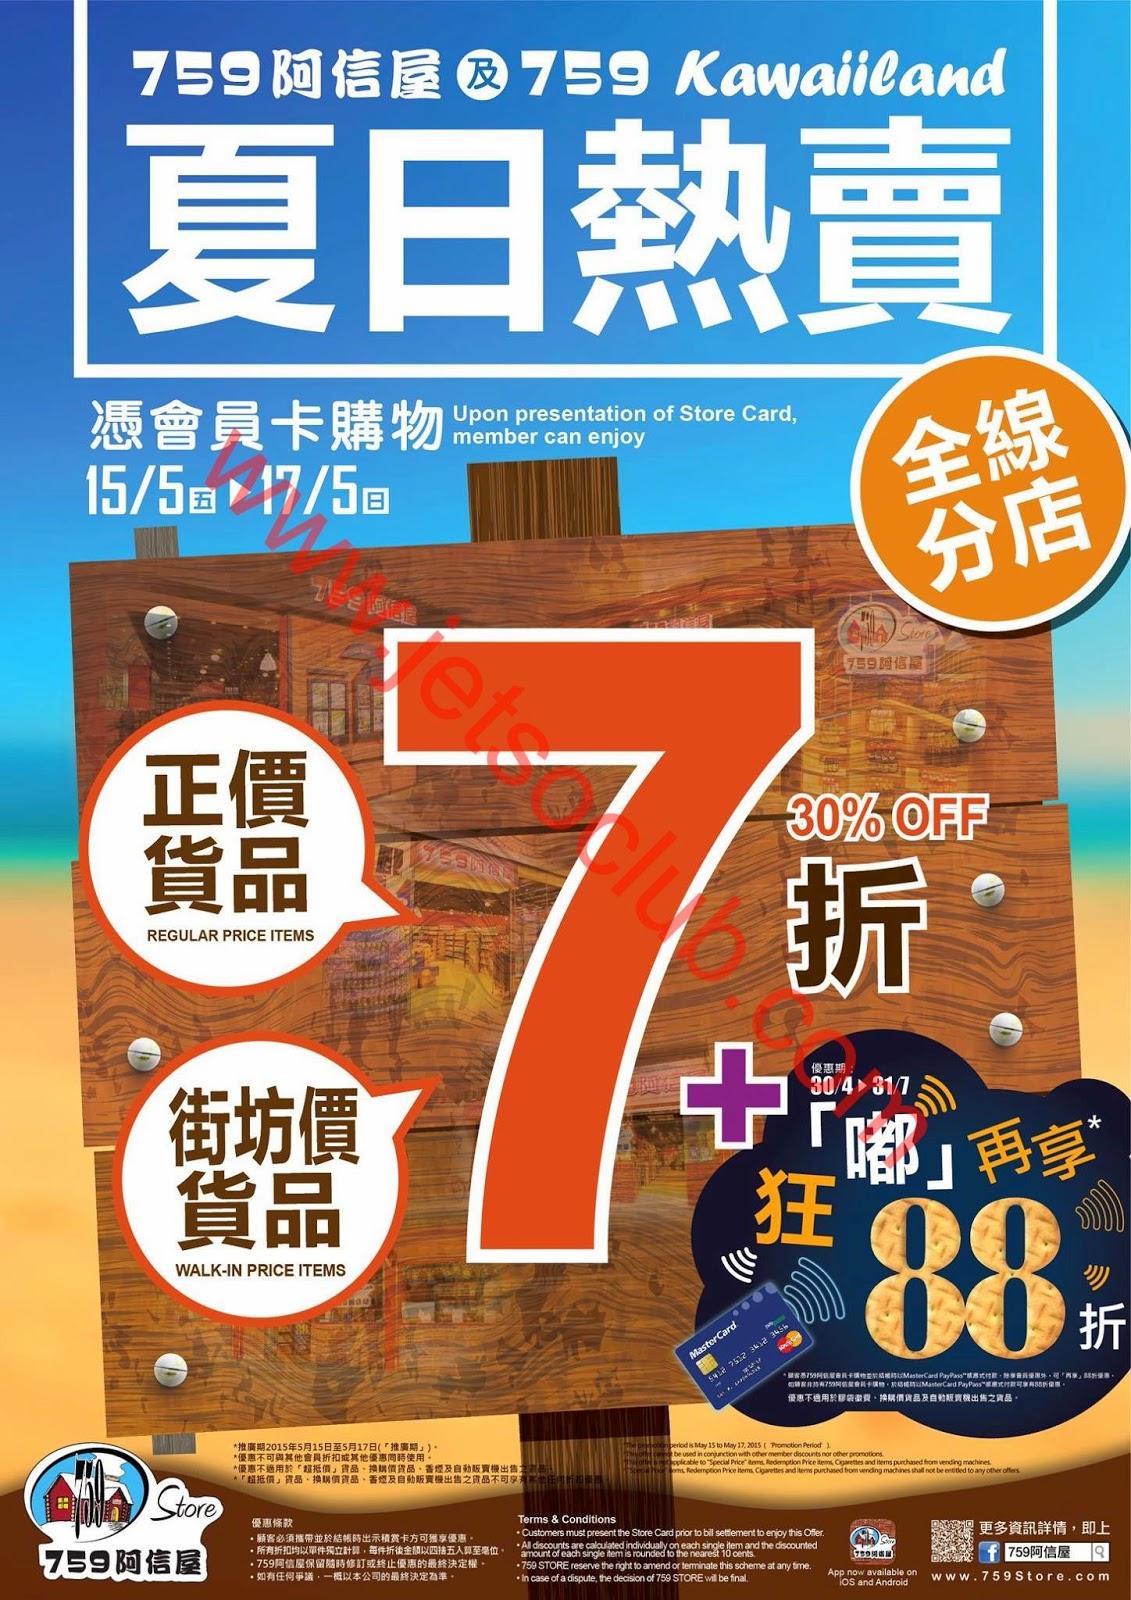 759 阿信屋 / 759 Kawaiiland:夏日熱賣 正價7折 街坊價7折(15-17/5) ( Jetso Club 著數俱樂部 )